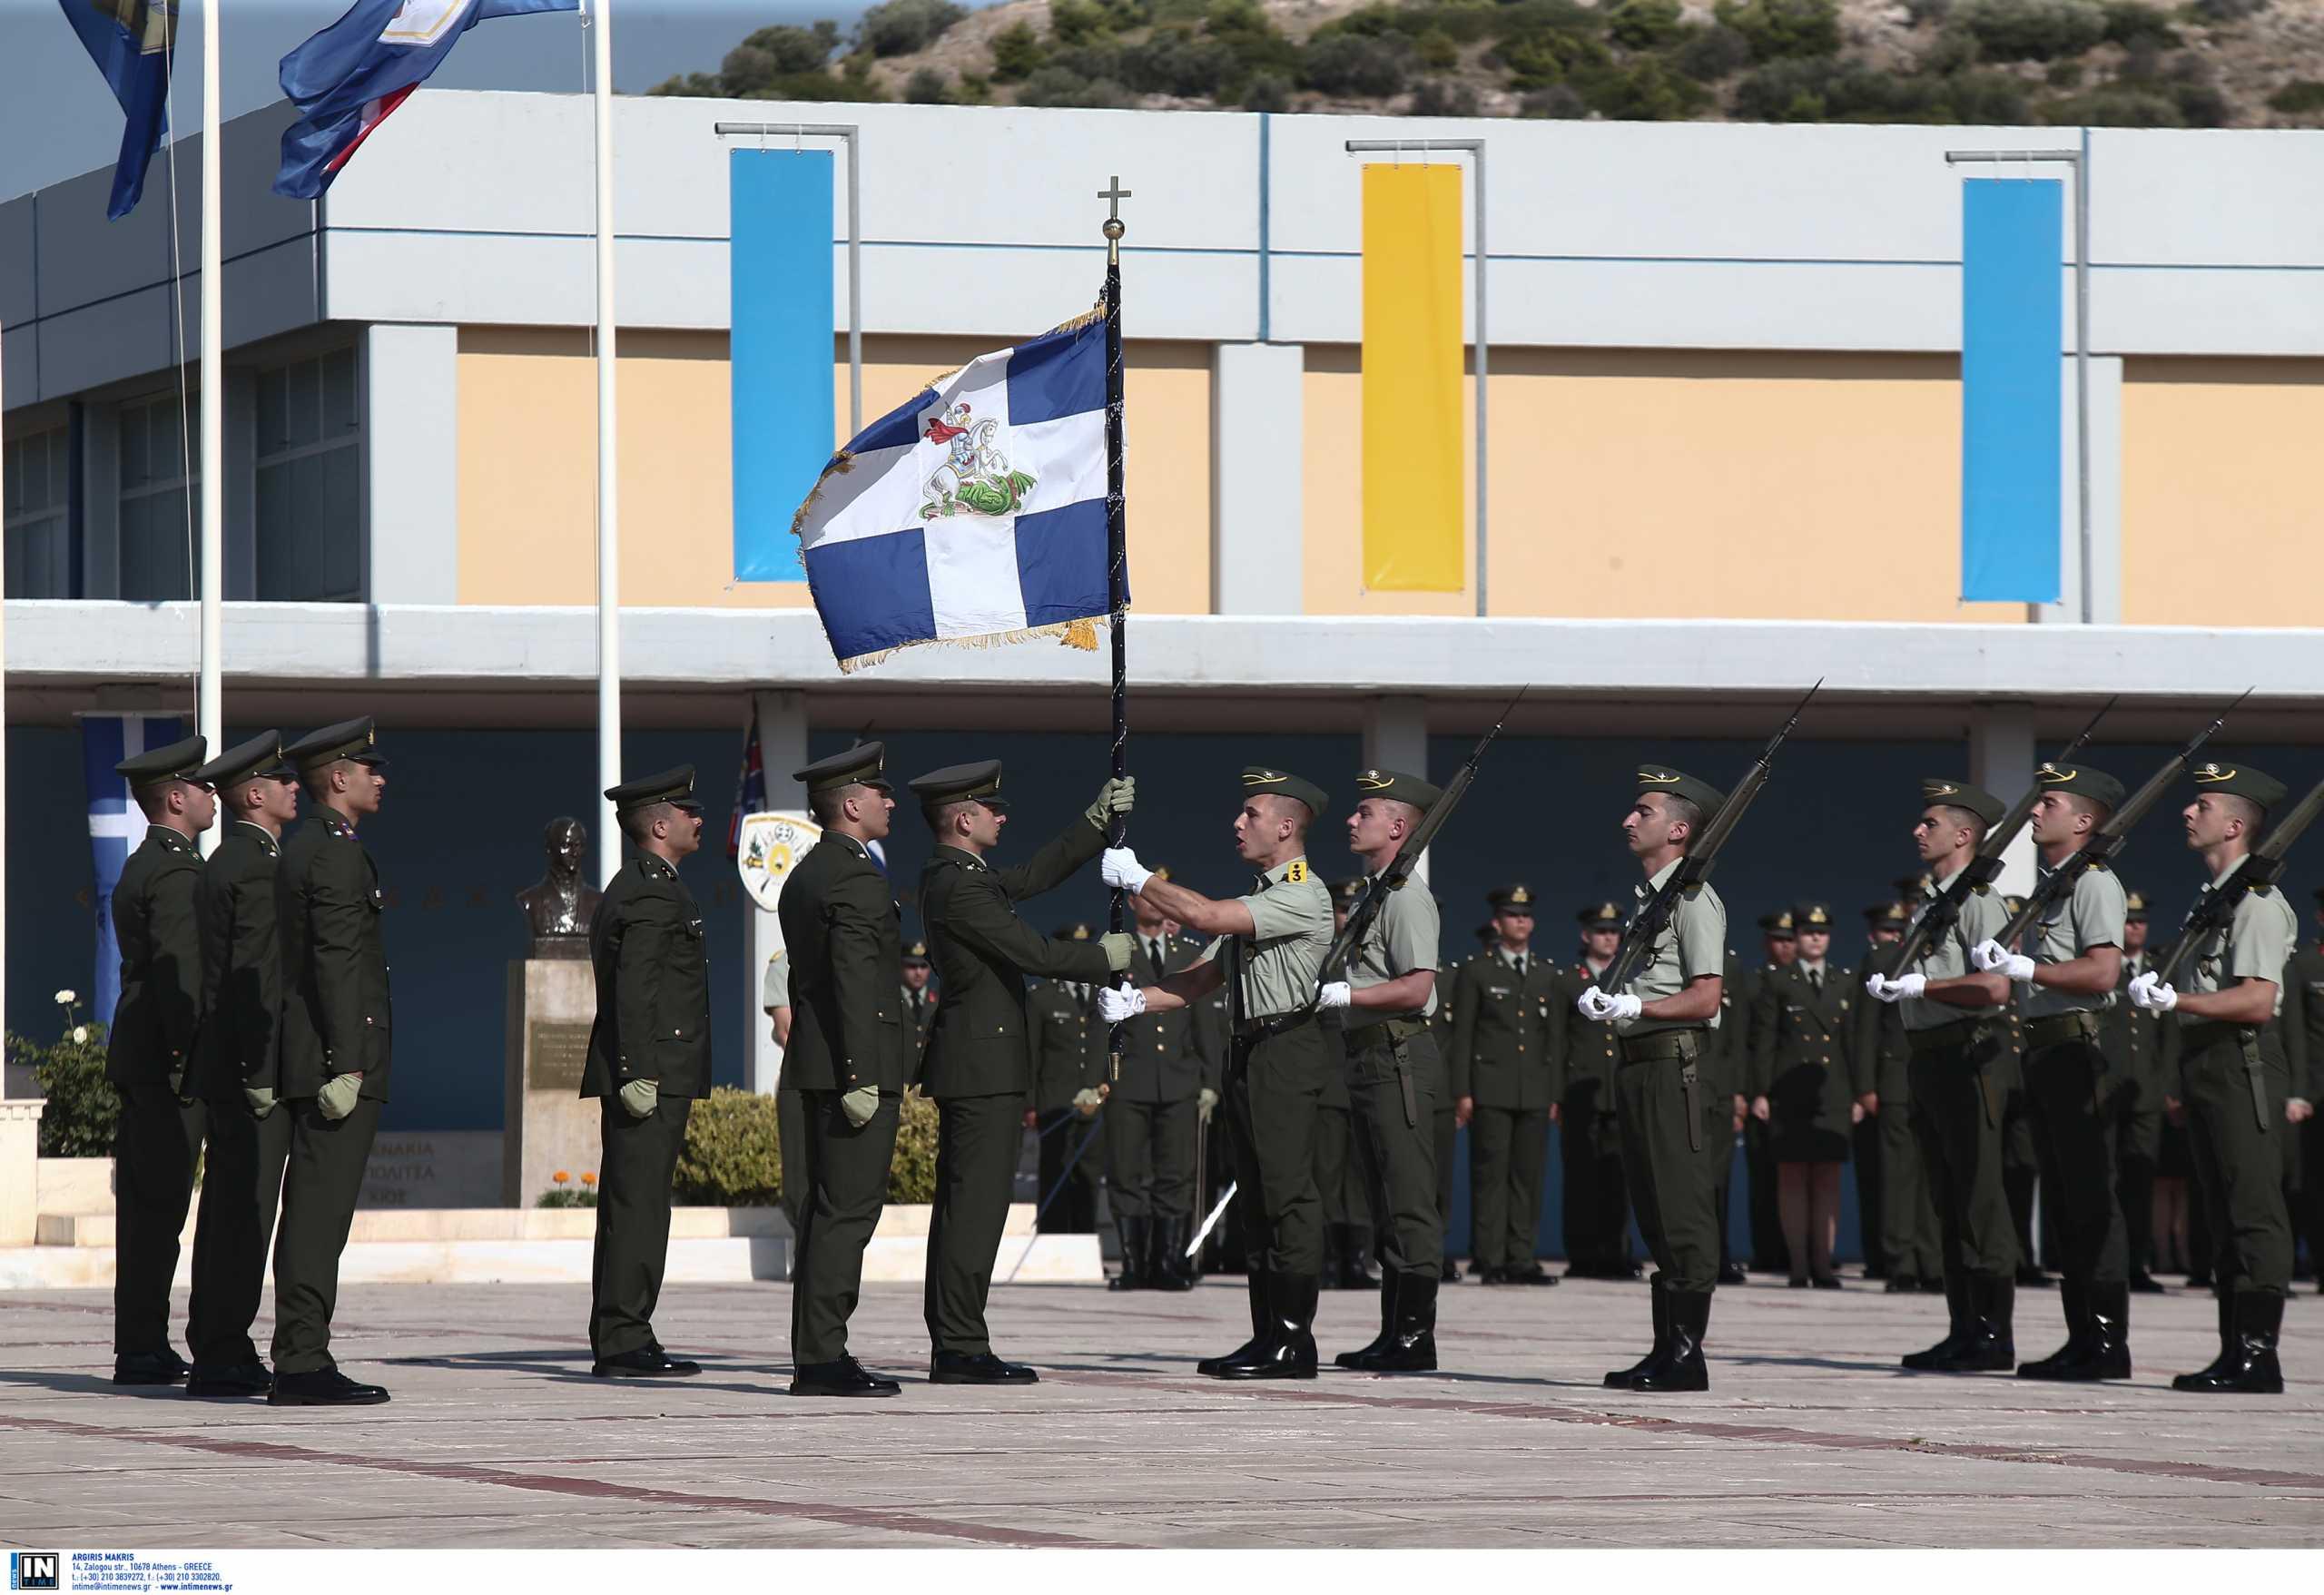 Στρατιωτικές σχολές: Αναρτήθηκε η προκήρυξη εισαγωγής – Διπλάσιες οι θέσεις!